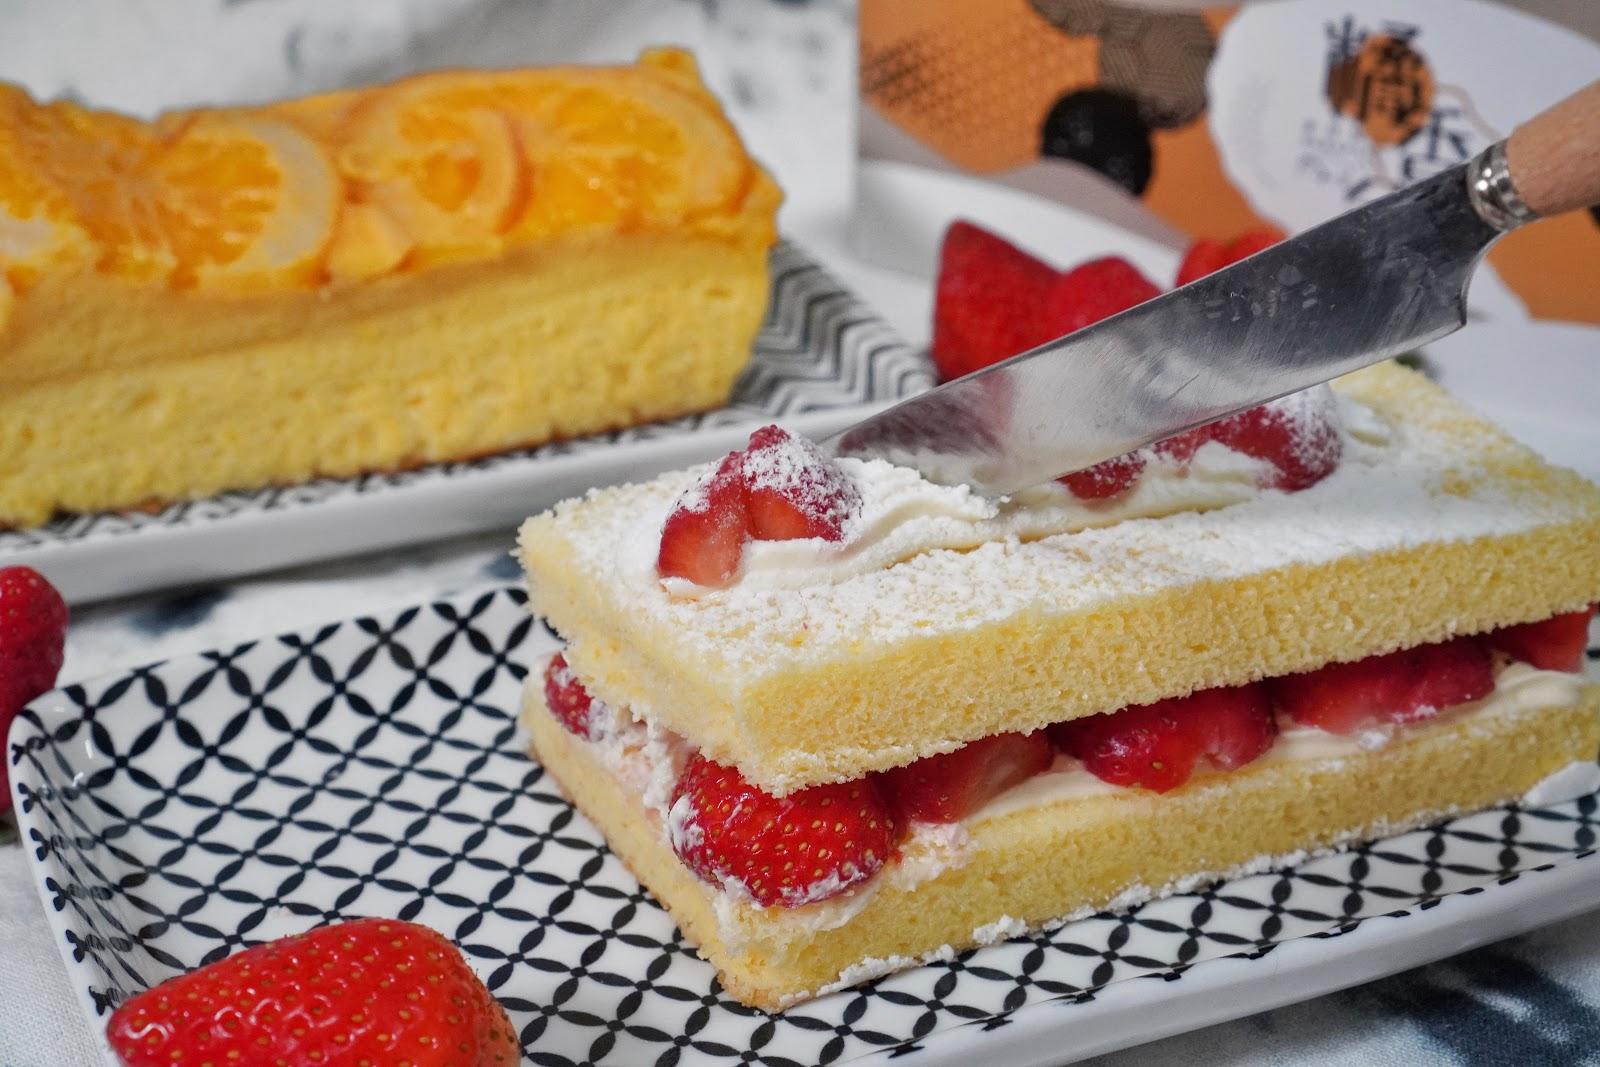 台南中西區美食【橘香合-蛋糕職人】草莓古早味蛋糕推薦